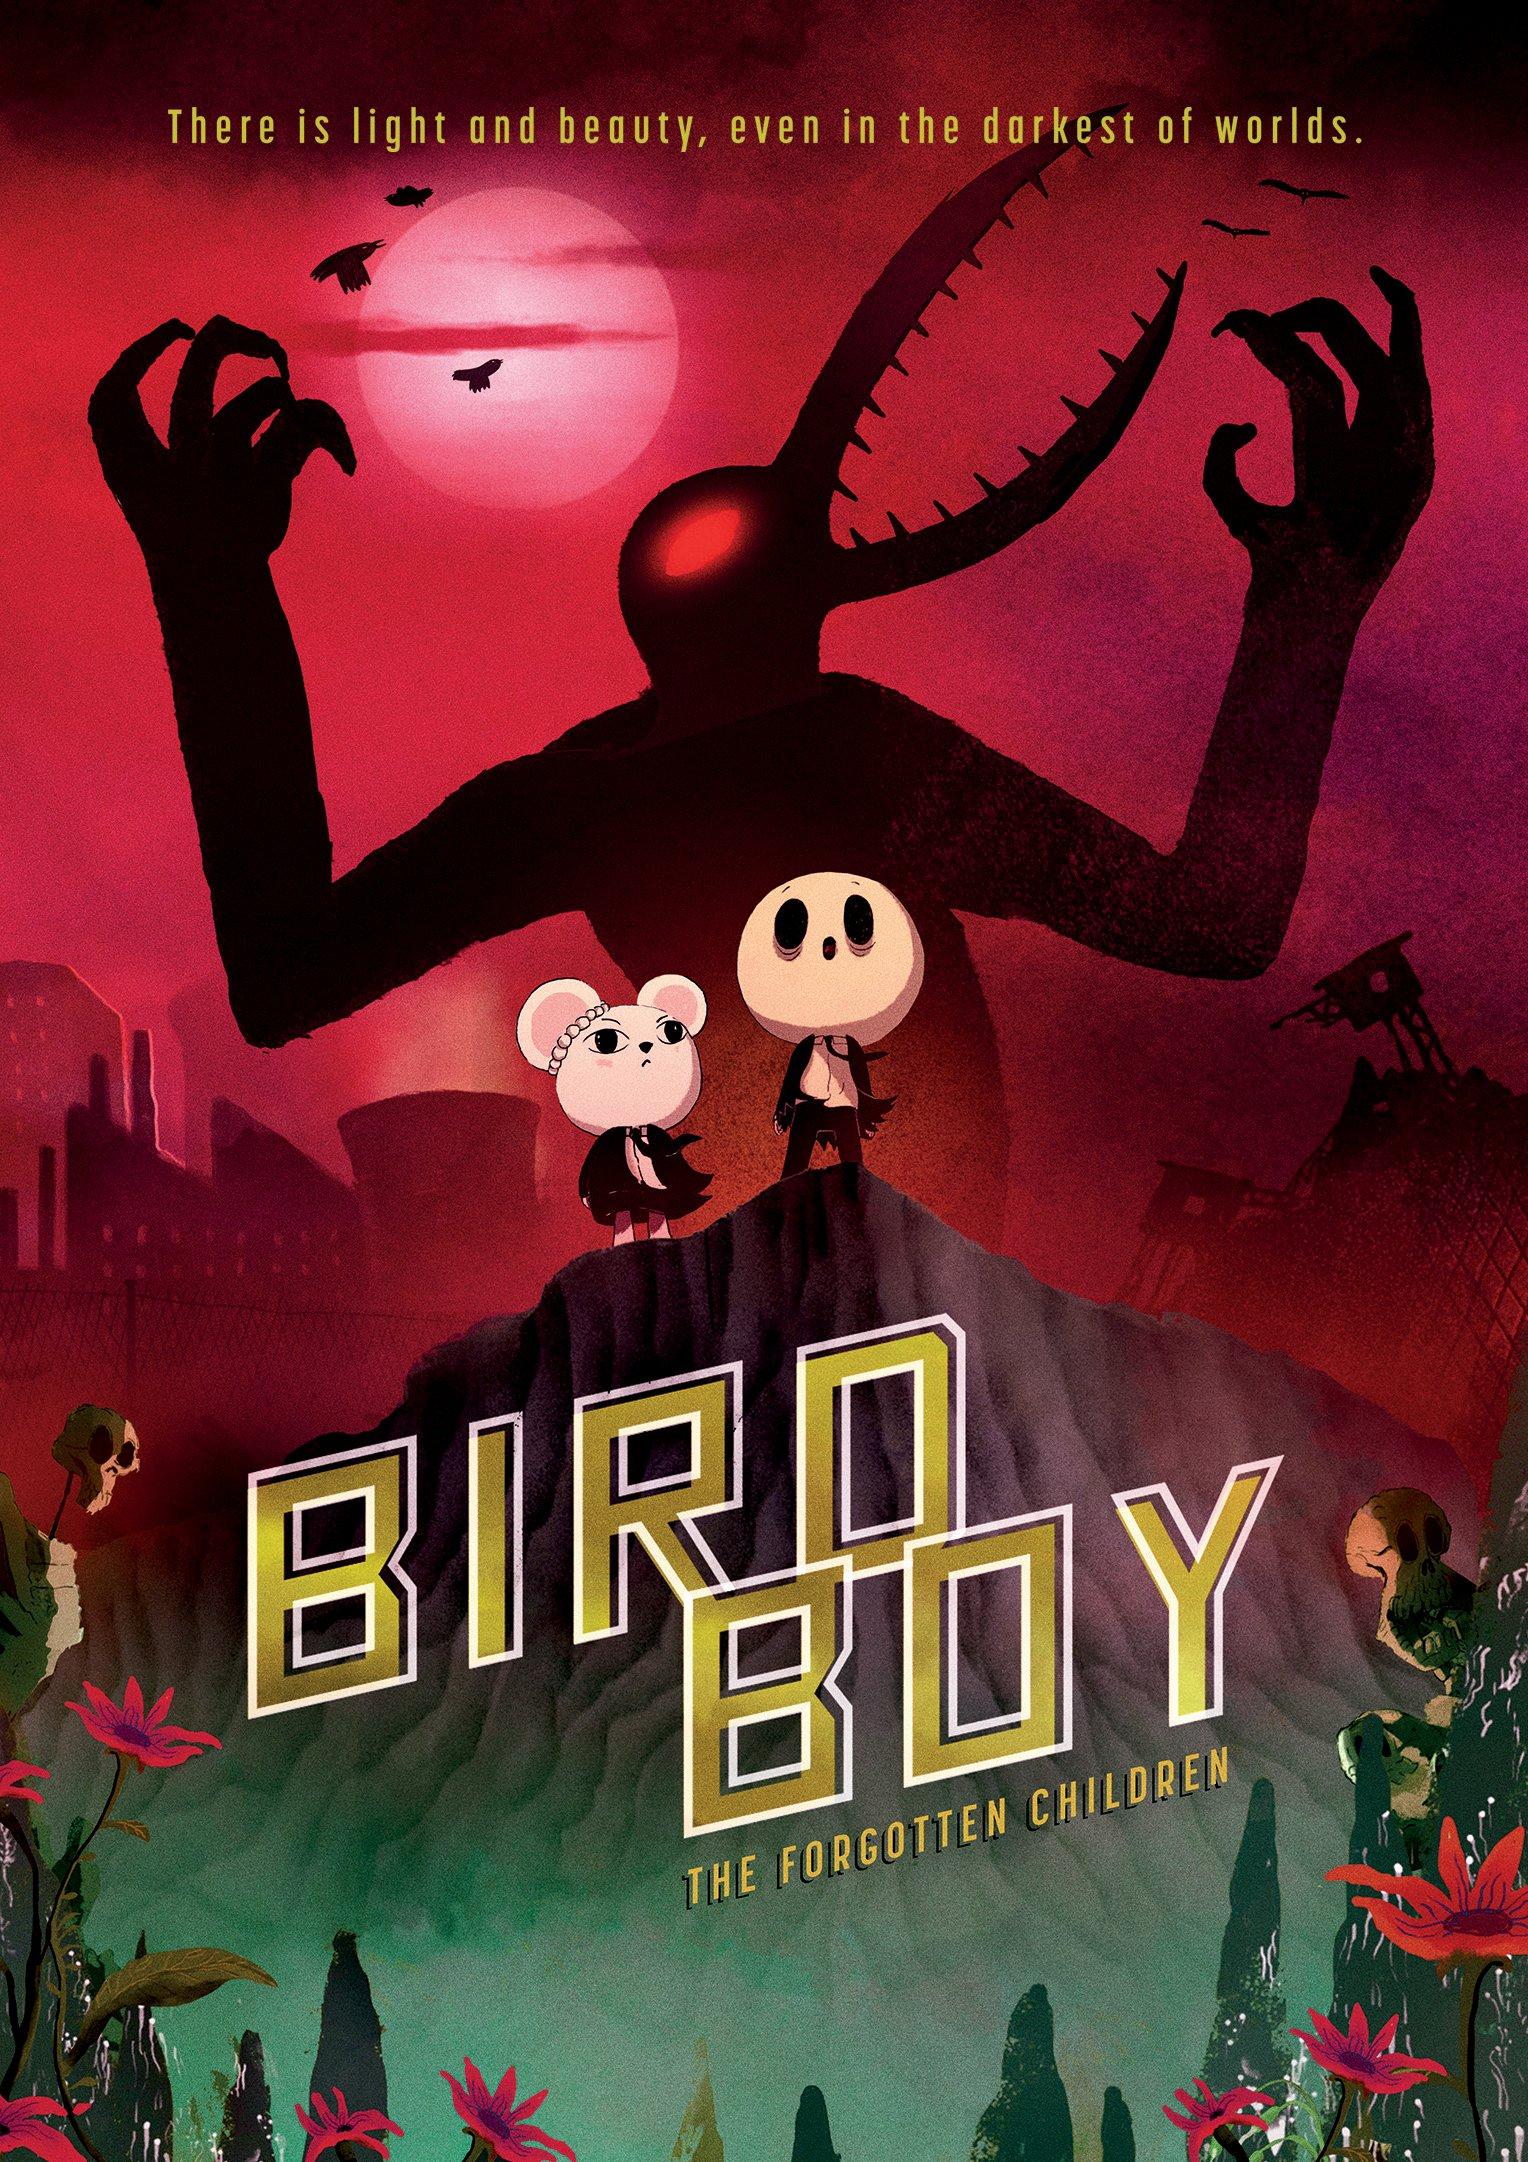 DVD : Birdboy: The Forgotten Children (Subtitled, Widescreen)